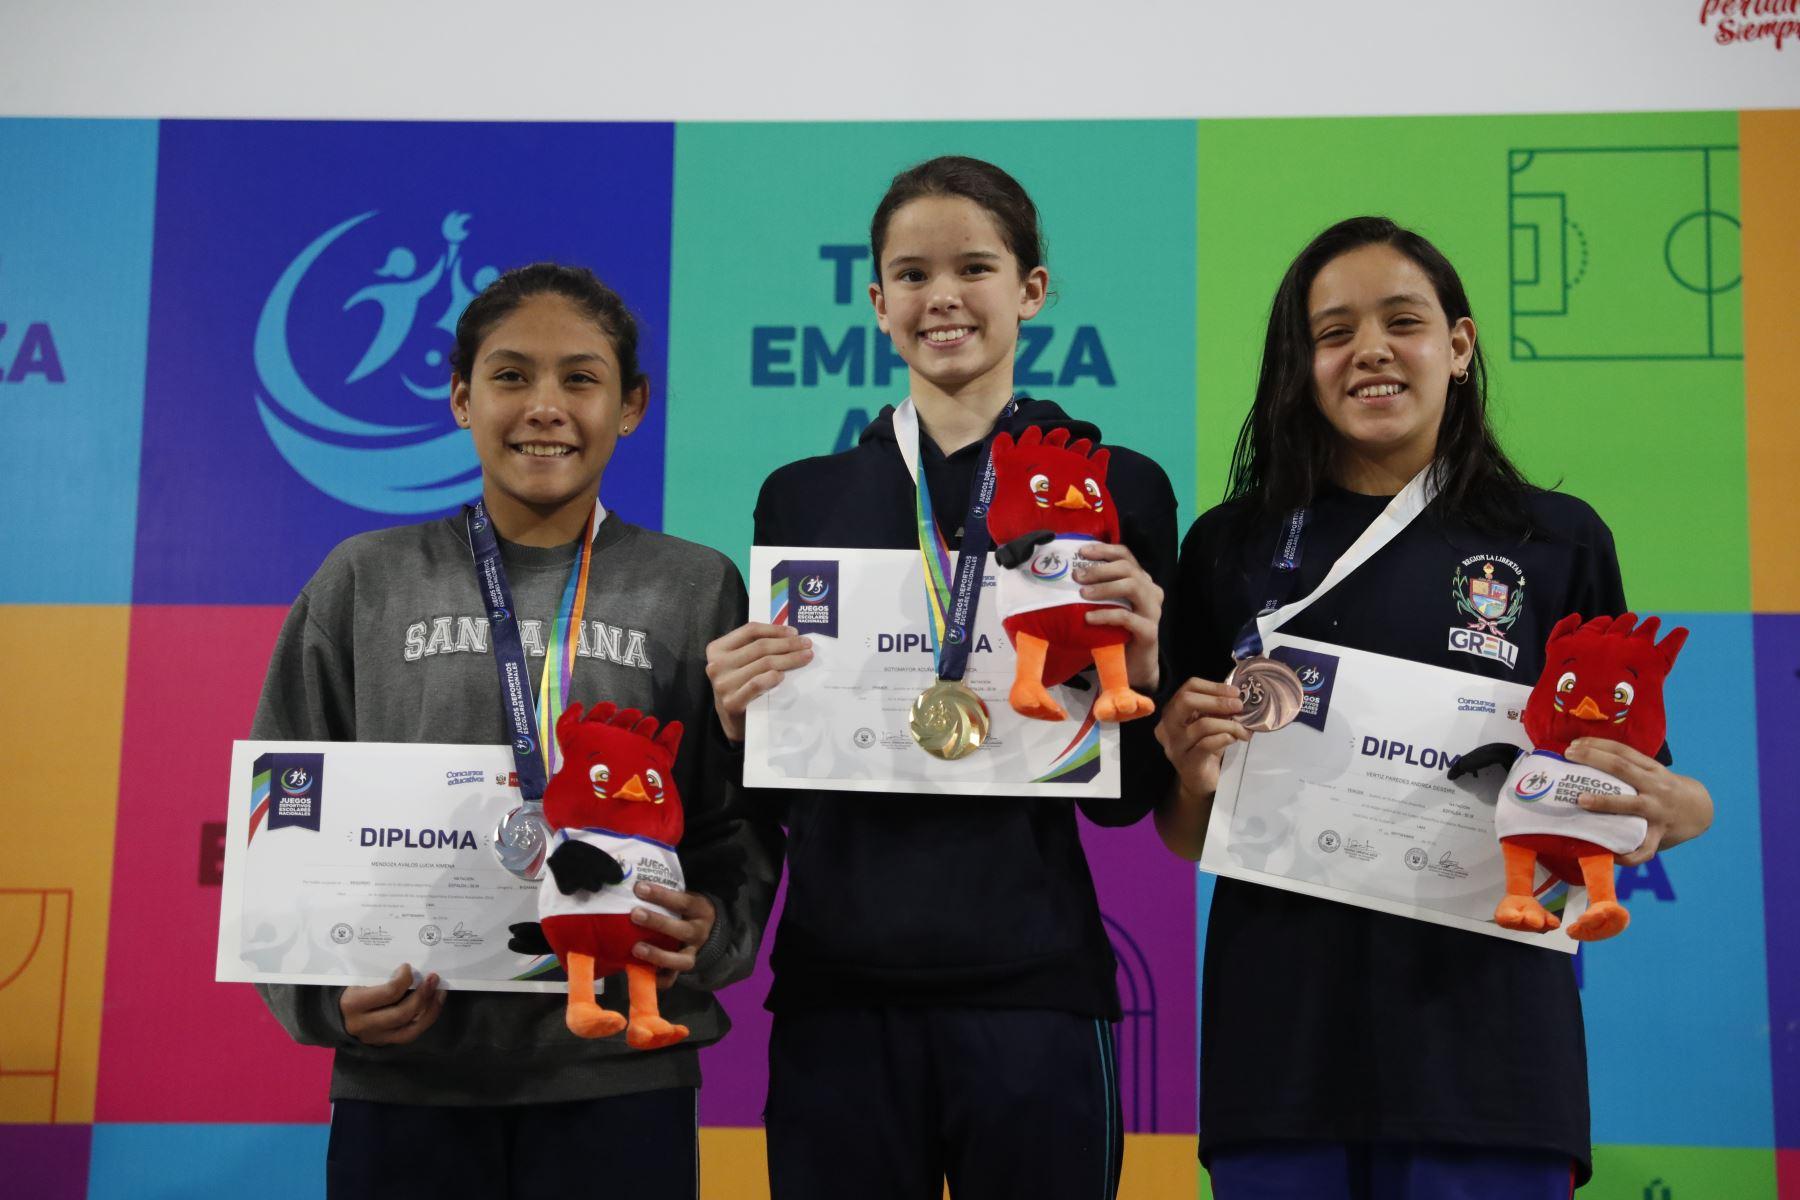 Alexia Sotomayor del Colegio Salcantay de Lima gana la medalla de oro categoria espalda 50m por  los Juegos Deportivos Escolares Nacionales en el Centro Acuático de la Videna.Foto: ANDINA/ Carlos Lezama